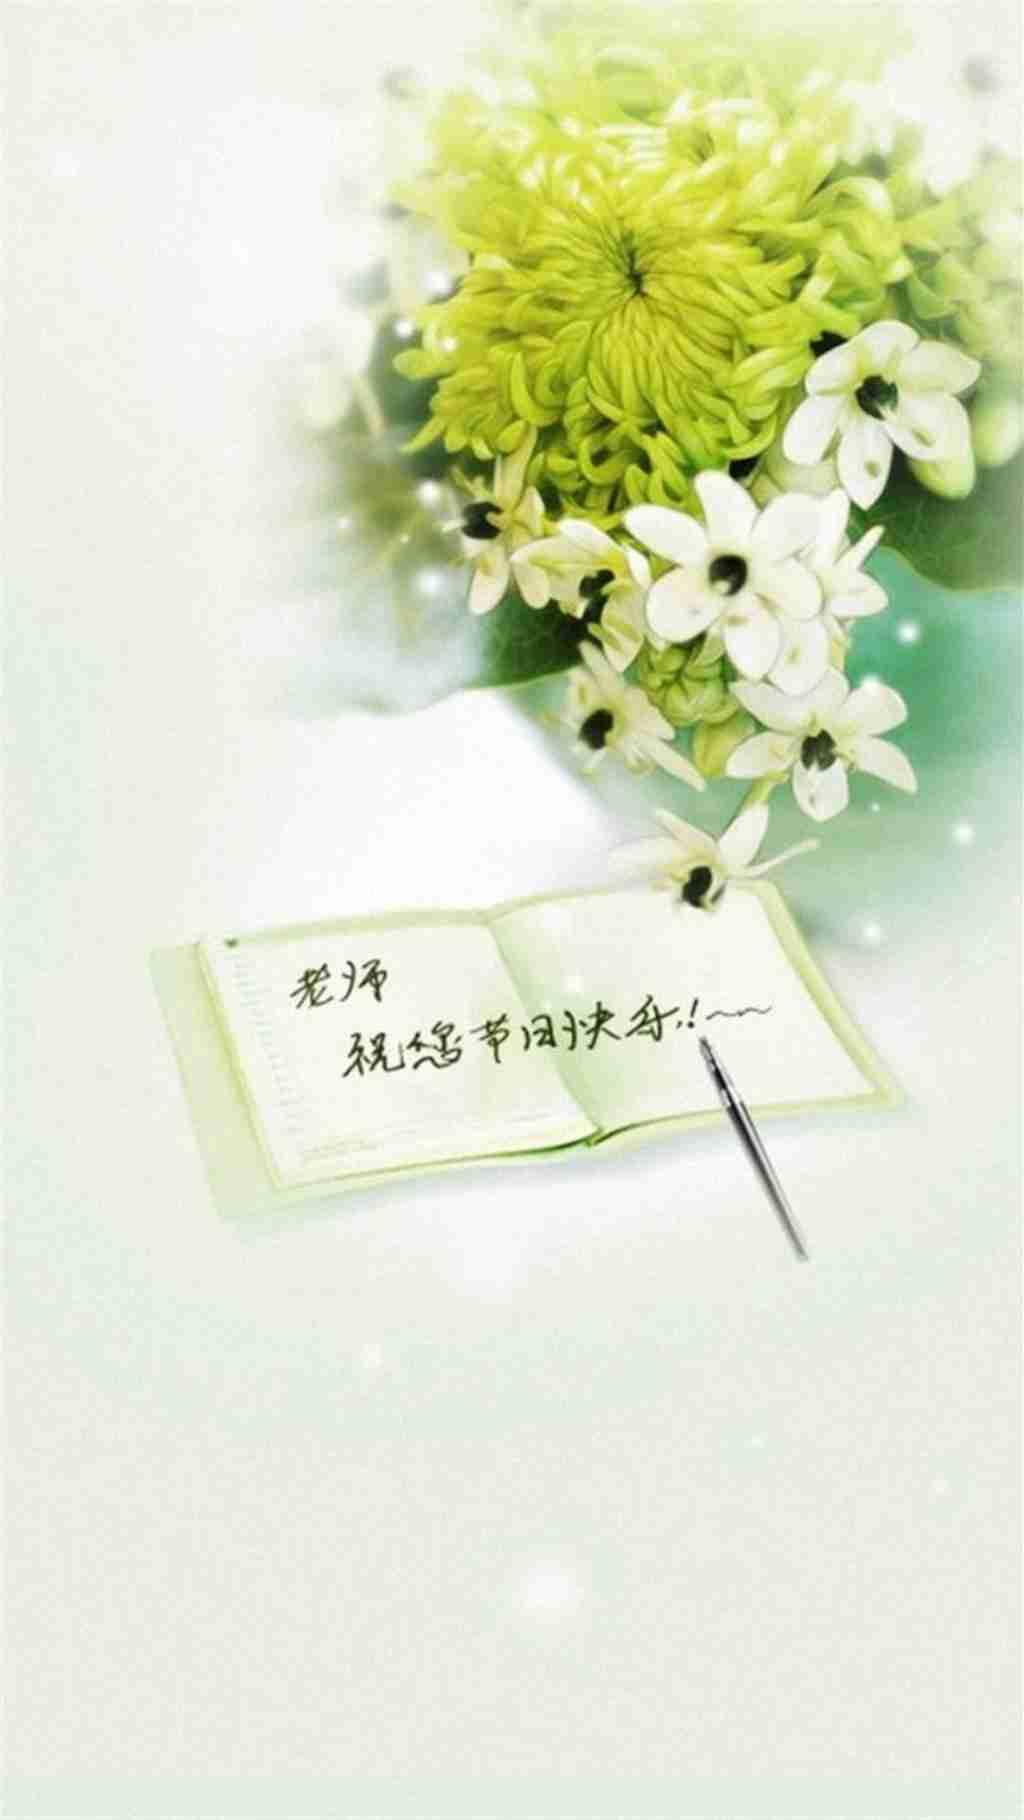 祝教师节快乐!手机壁纸_WWW.66152.COM